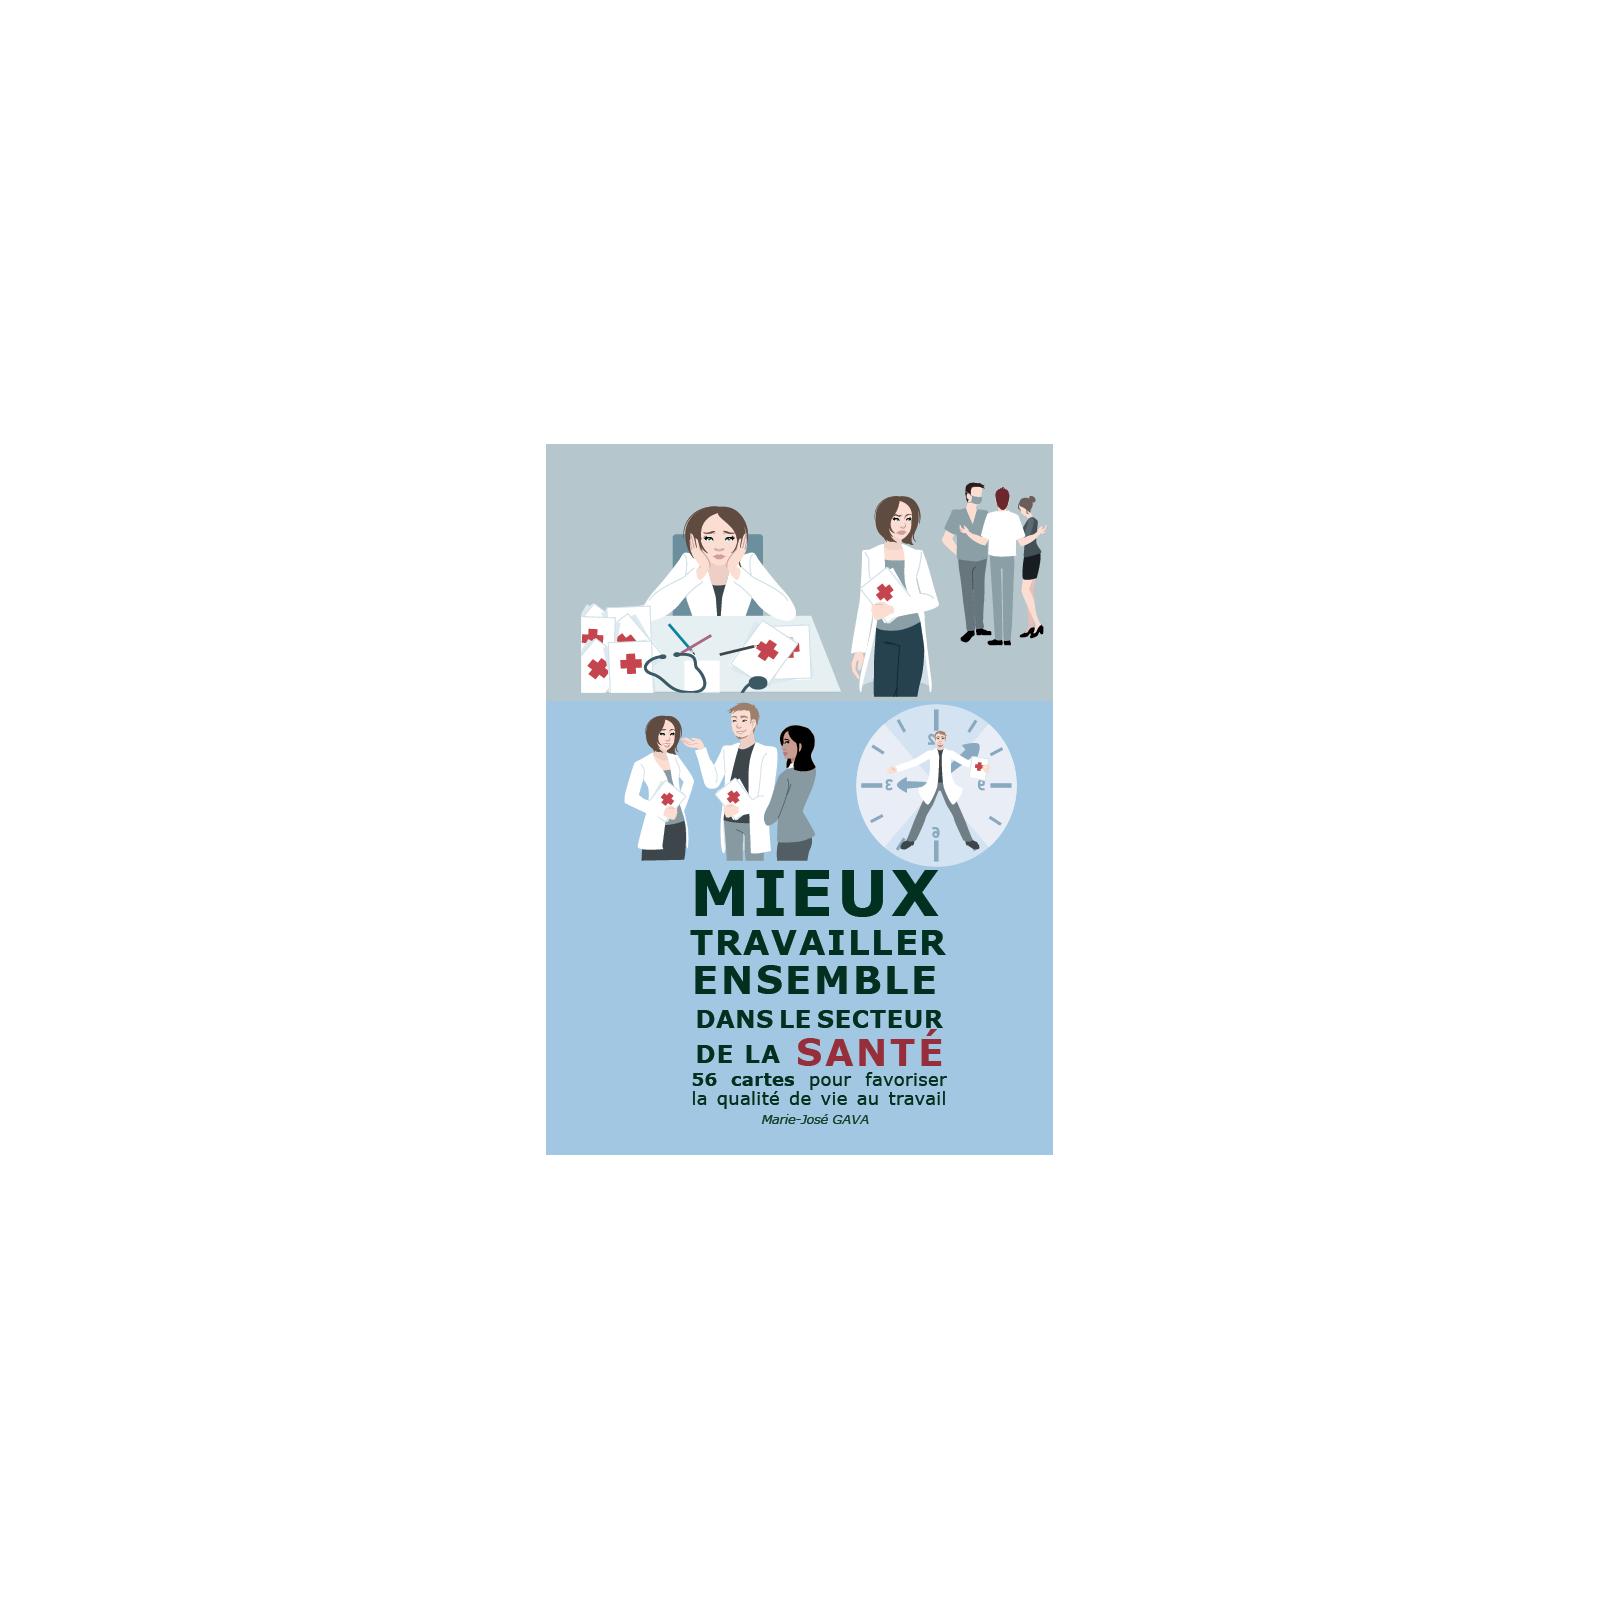 Mieux travailler ensemble dans le secteur de la santé